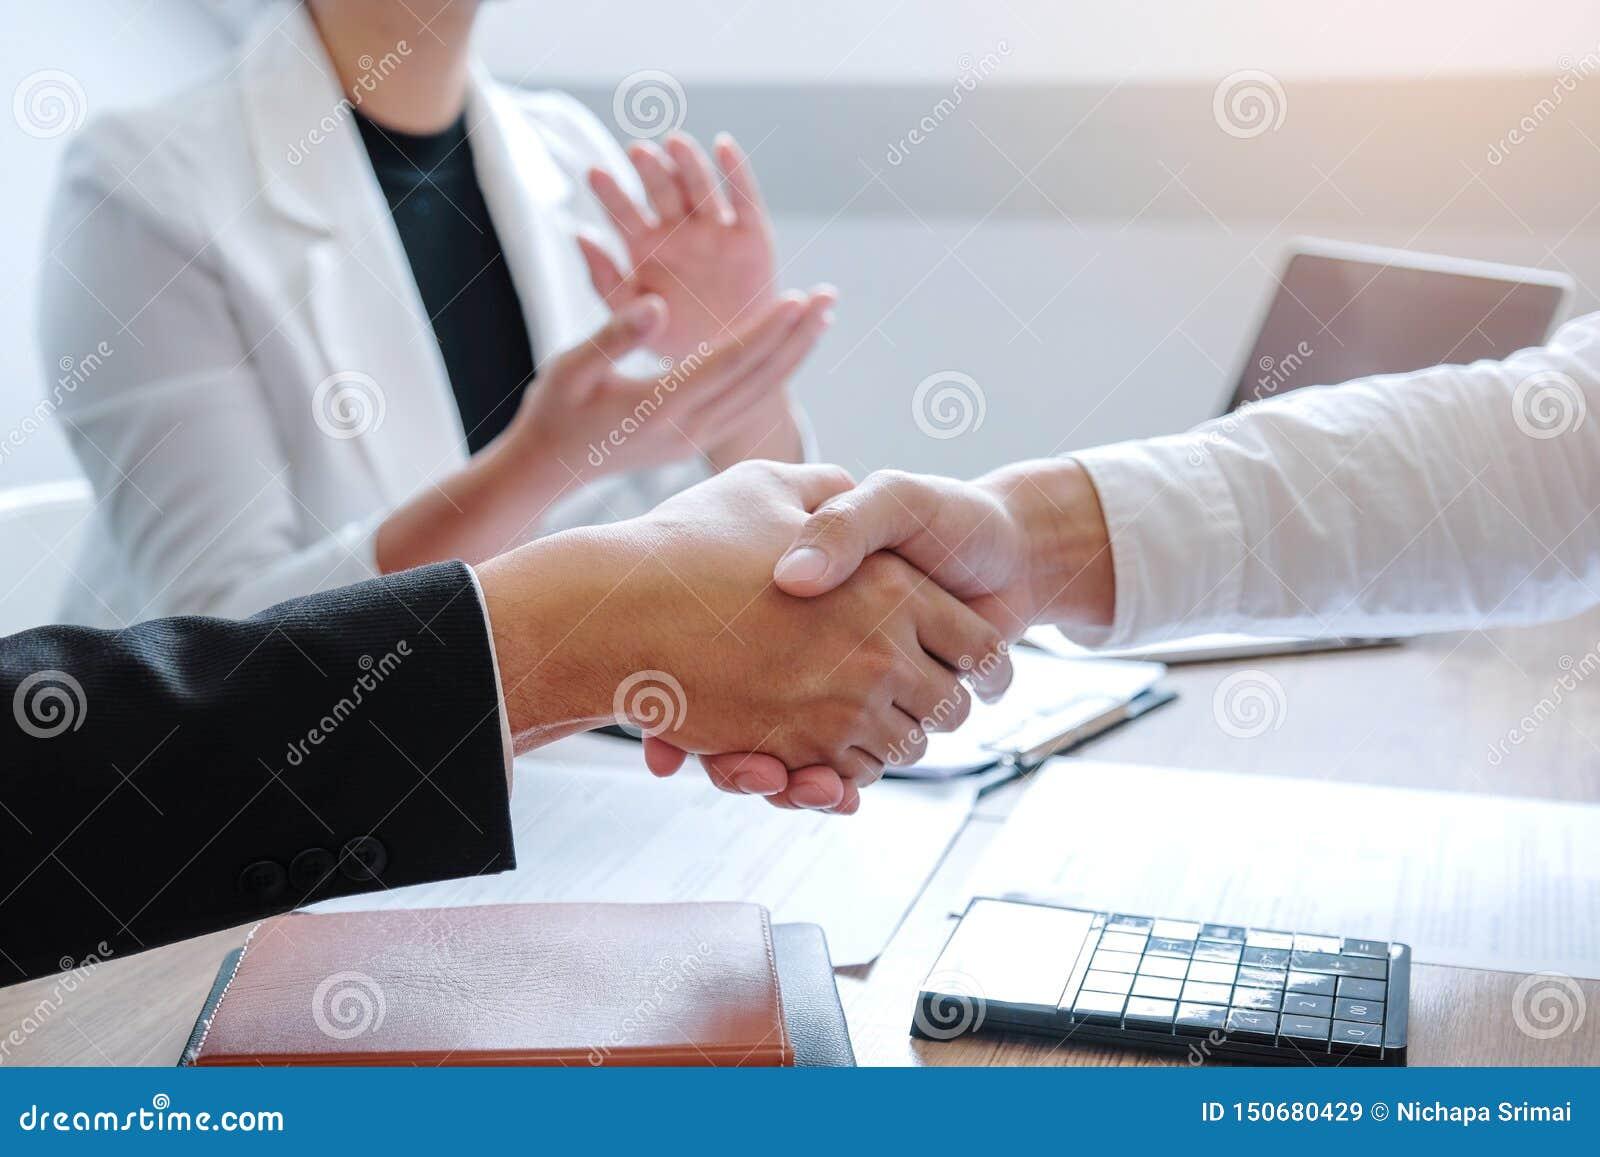 Χέρια τινάγματος επιχειρησιακών ομάδων κατά τη διάρκεια μιας έννοιας ανάλυσης στρατηγικής προγραμματισμού συνεδρίασης